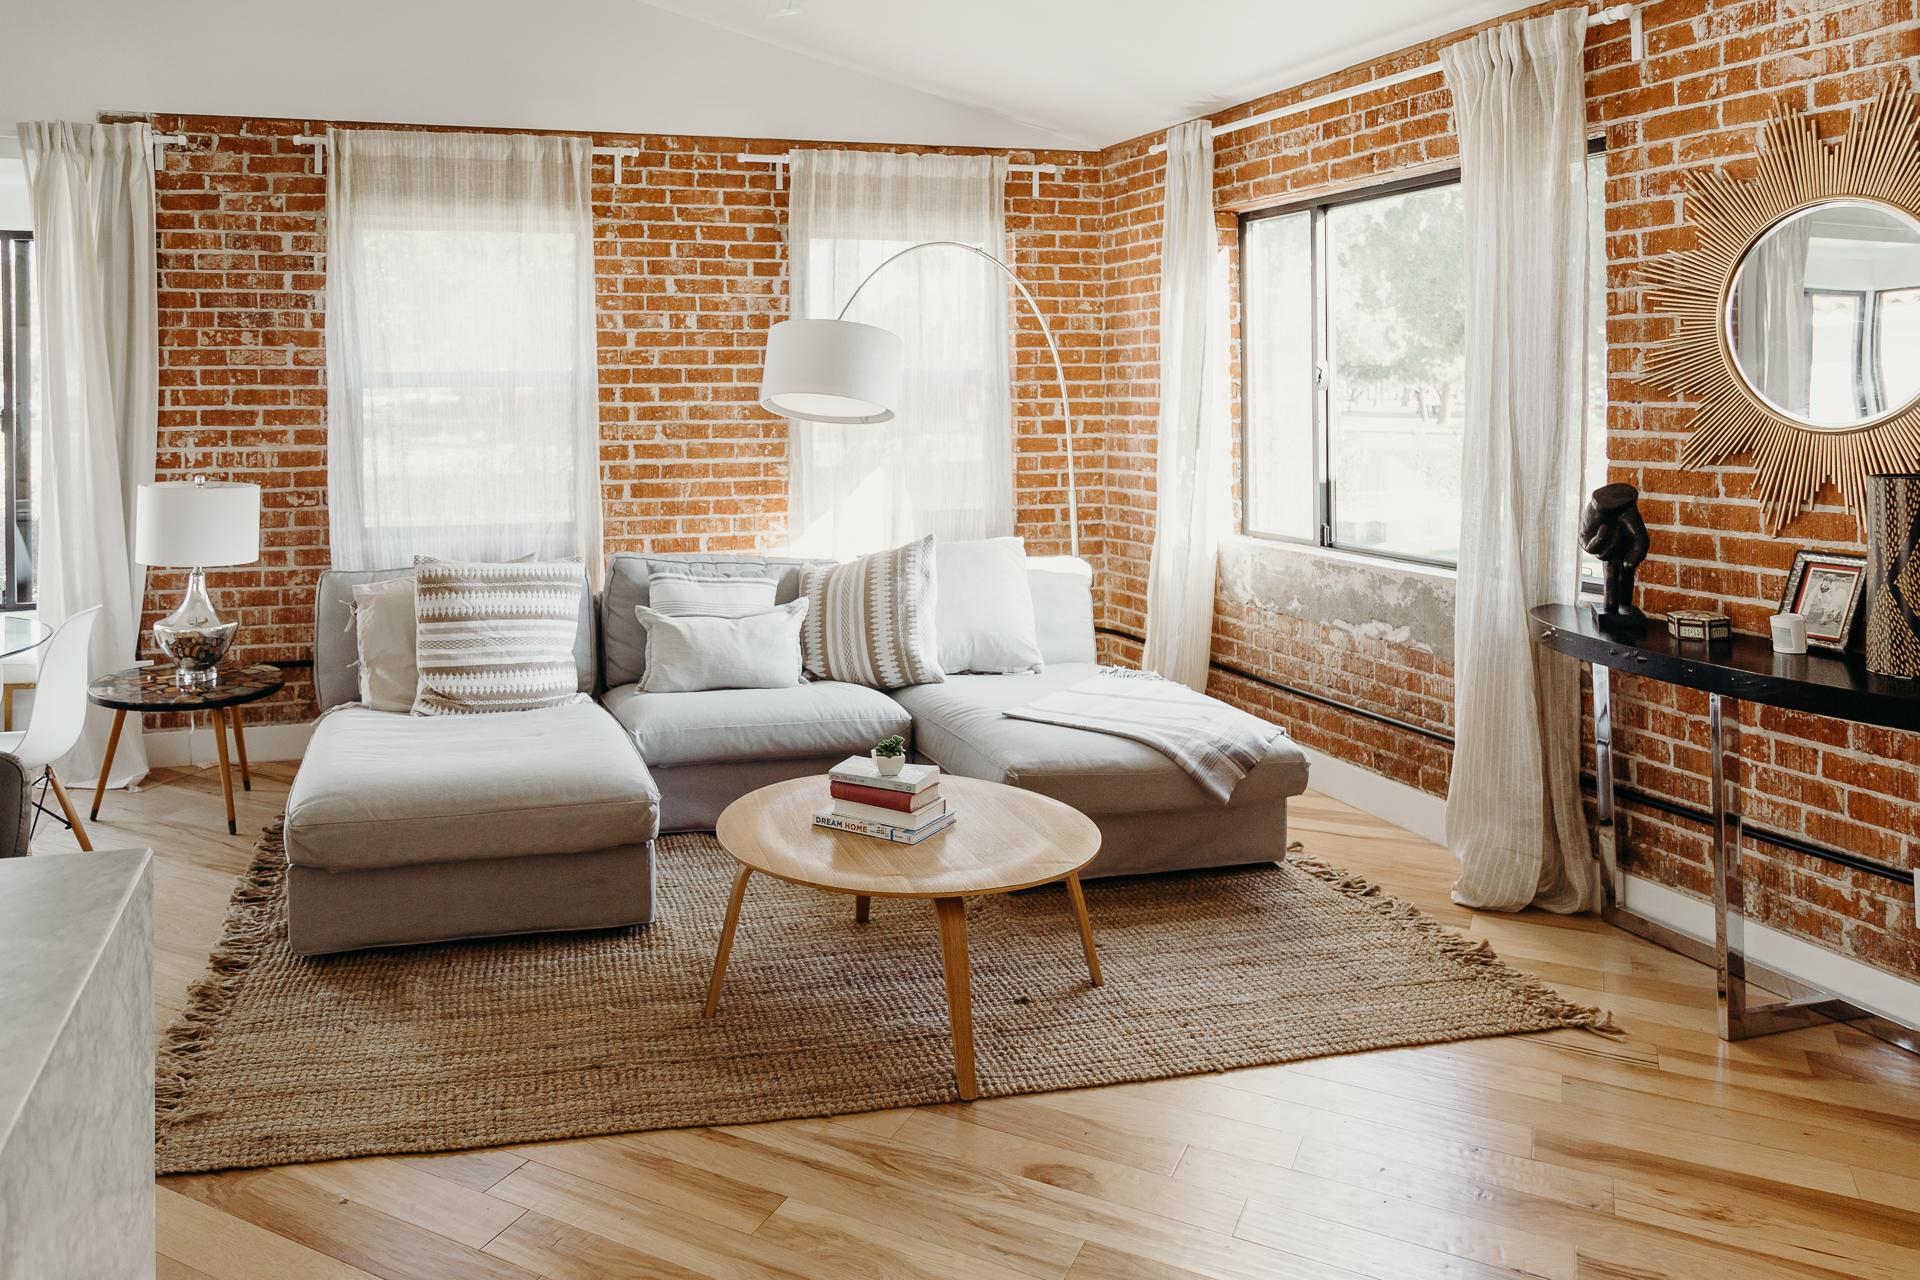 esparza-airbnb-0997.jpg